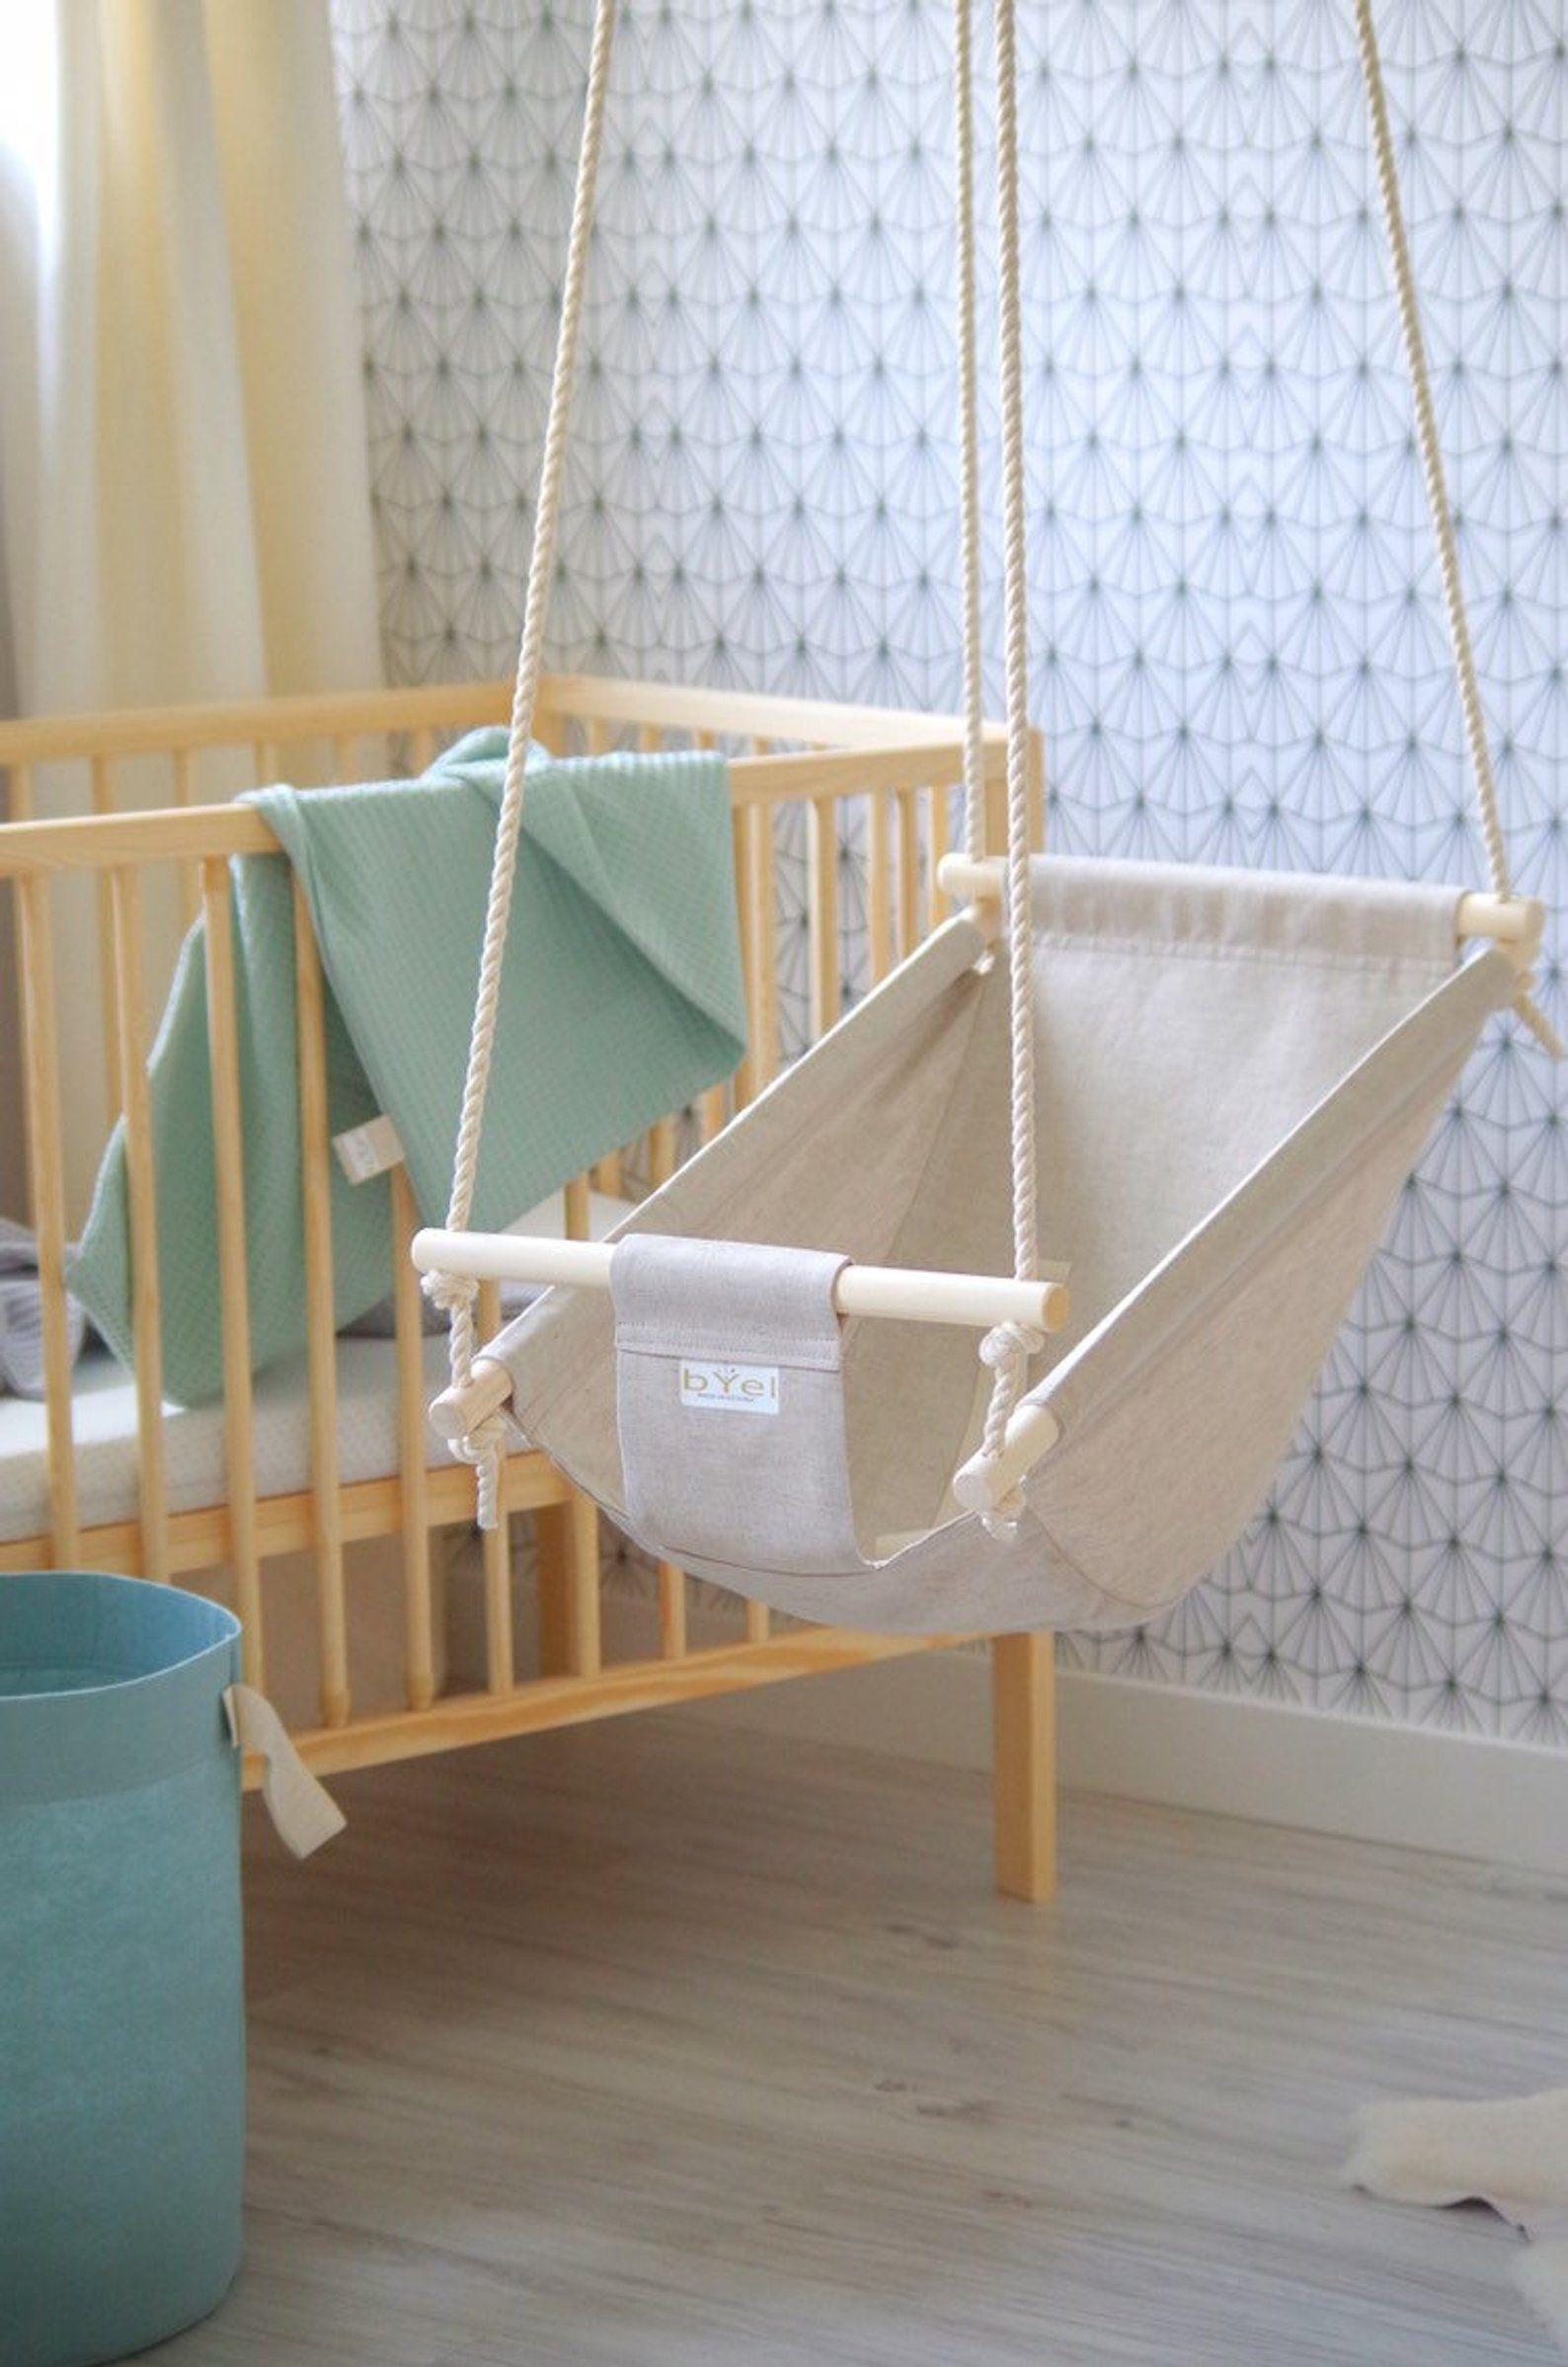 Full Size of Low Shipping Byel Calm Toddler Baby Gift Schaukel Für Garten Regale Kinderzimmer Regal Schaukelstuhl Sofa Weiß Kinderschaukel Kinderzimmer Schaukel Kinderzimmer